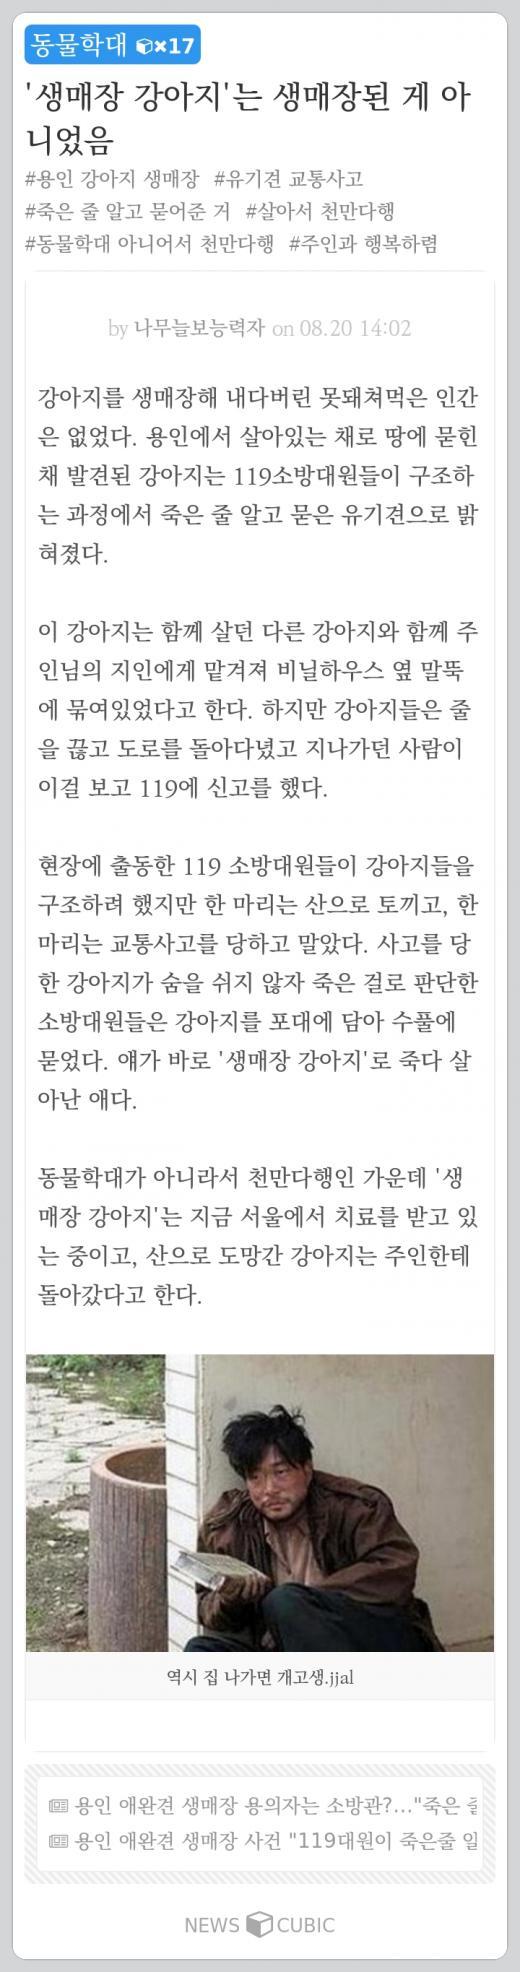 [오늘의 뉴스큐빅] '생매장 강아지' 알고보니… 앞으론 '간호조무사' 말고 '간호지원사'